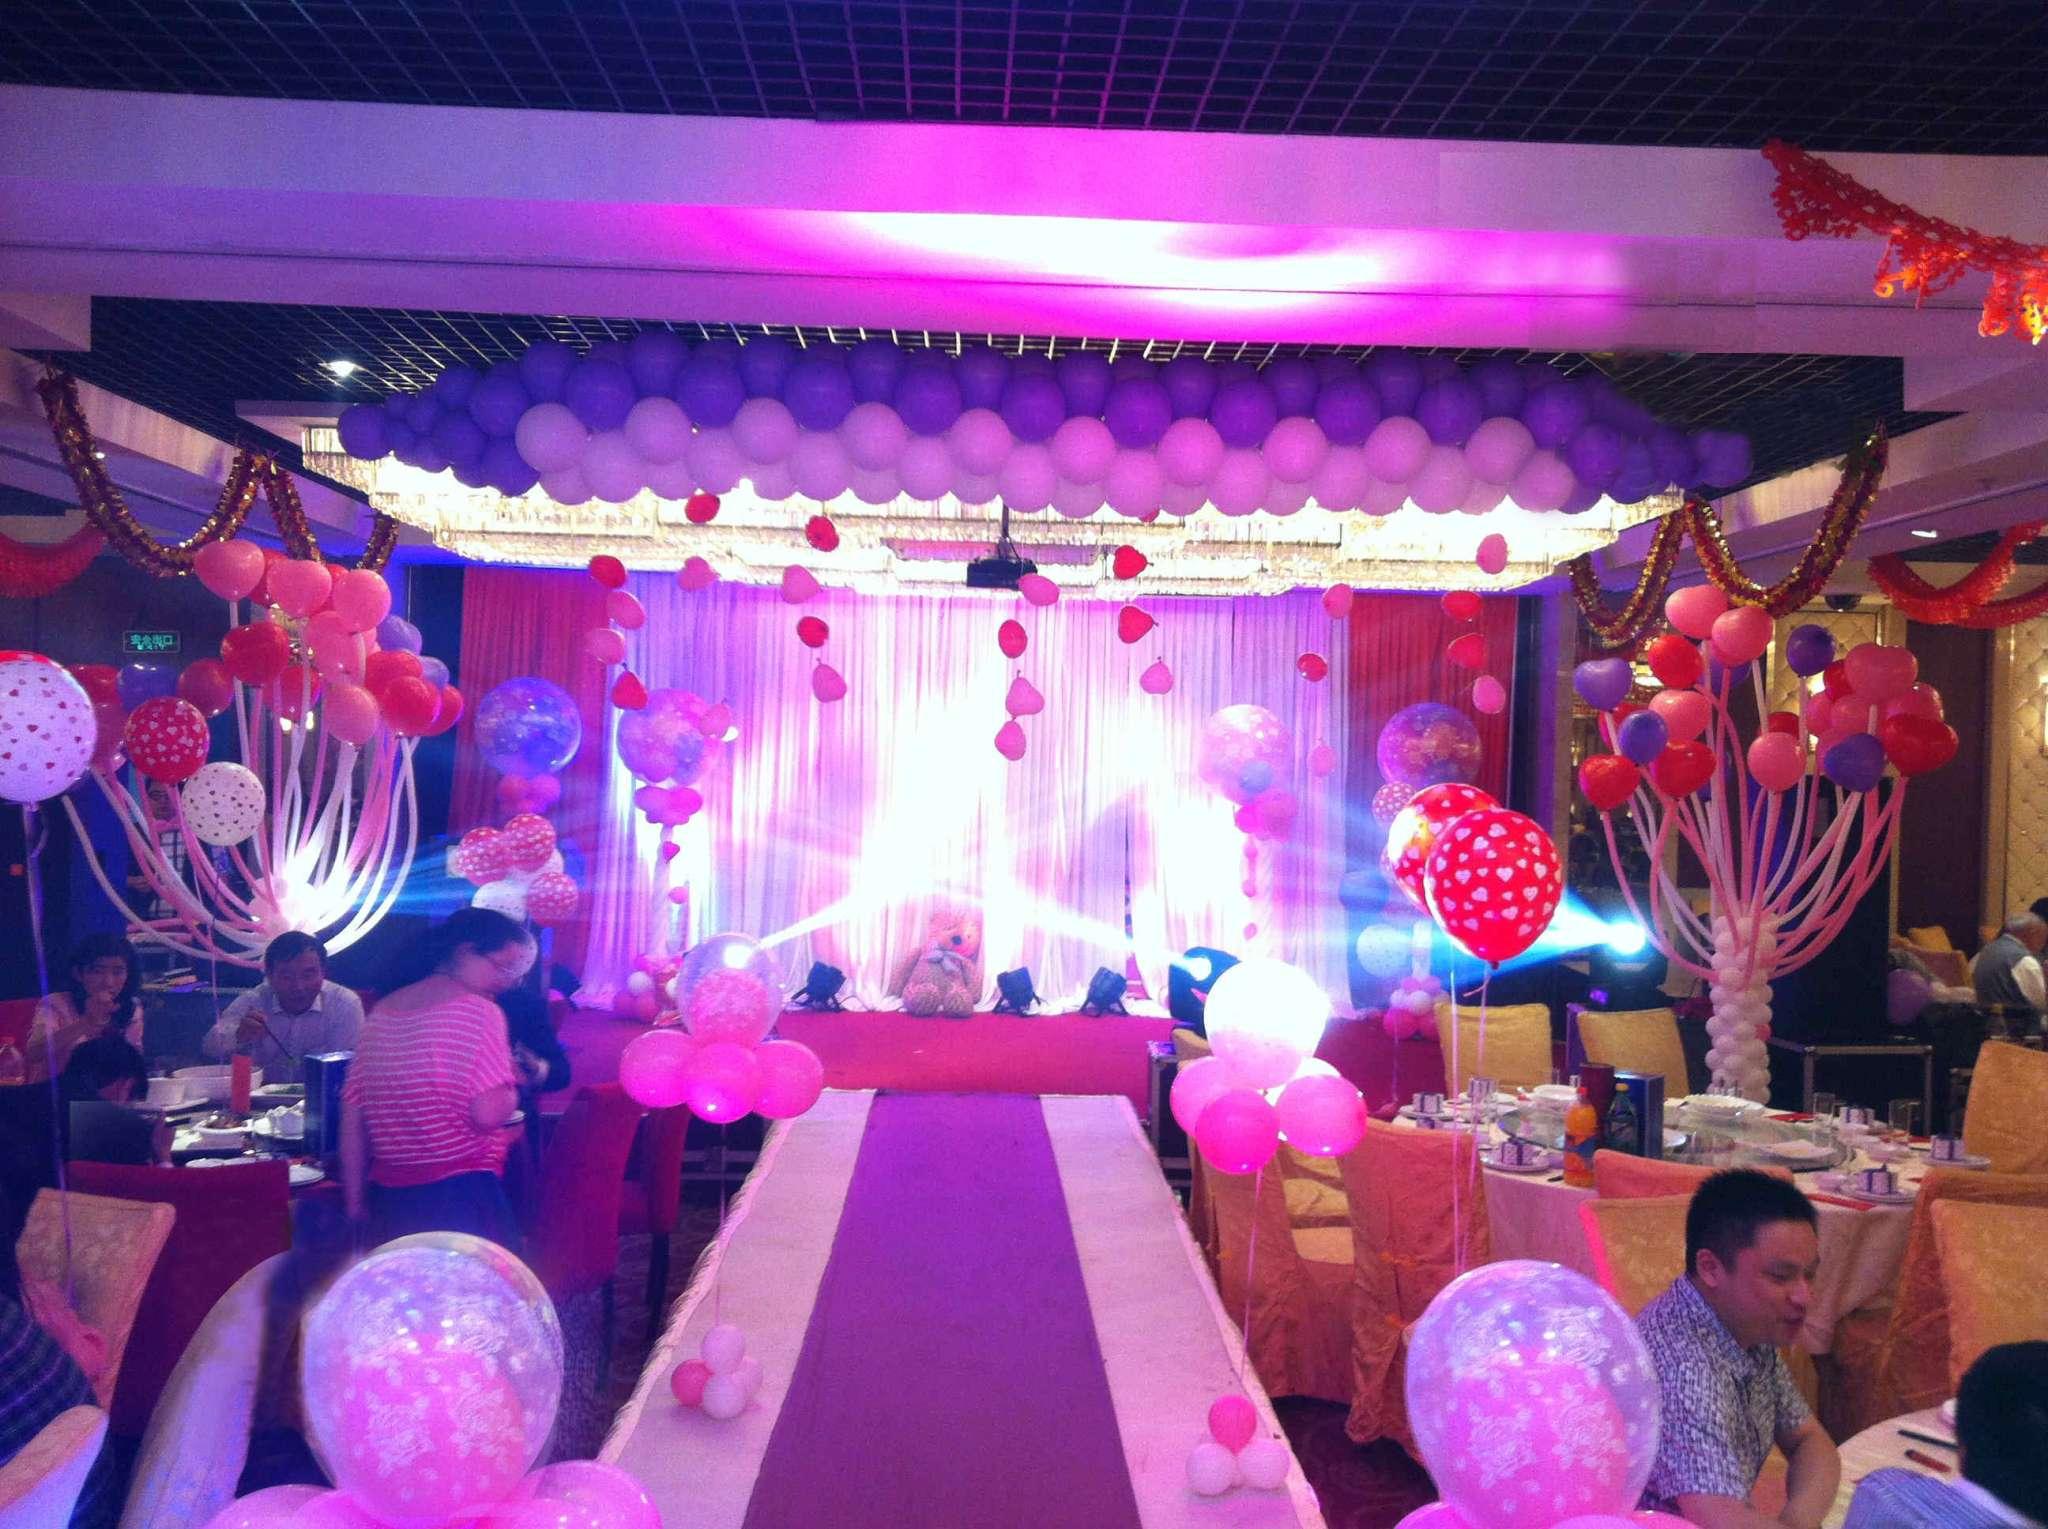 紫罗兰婚礼 - 秦皇岛气球王国丨气球布置丨气球装饰丨